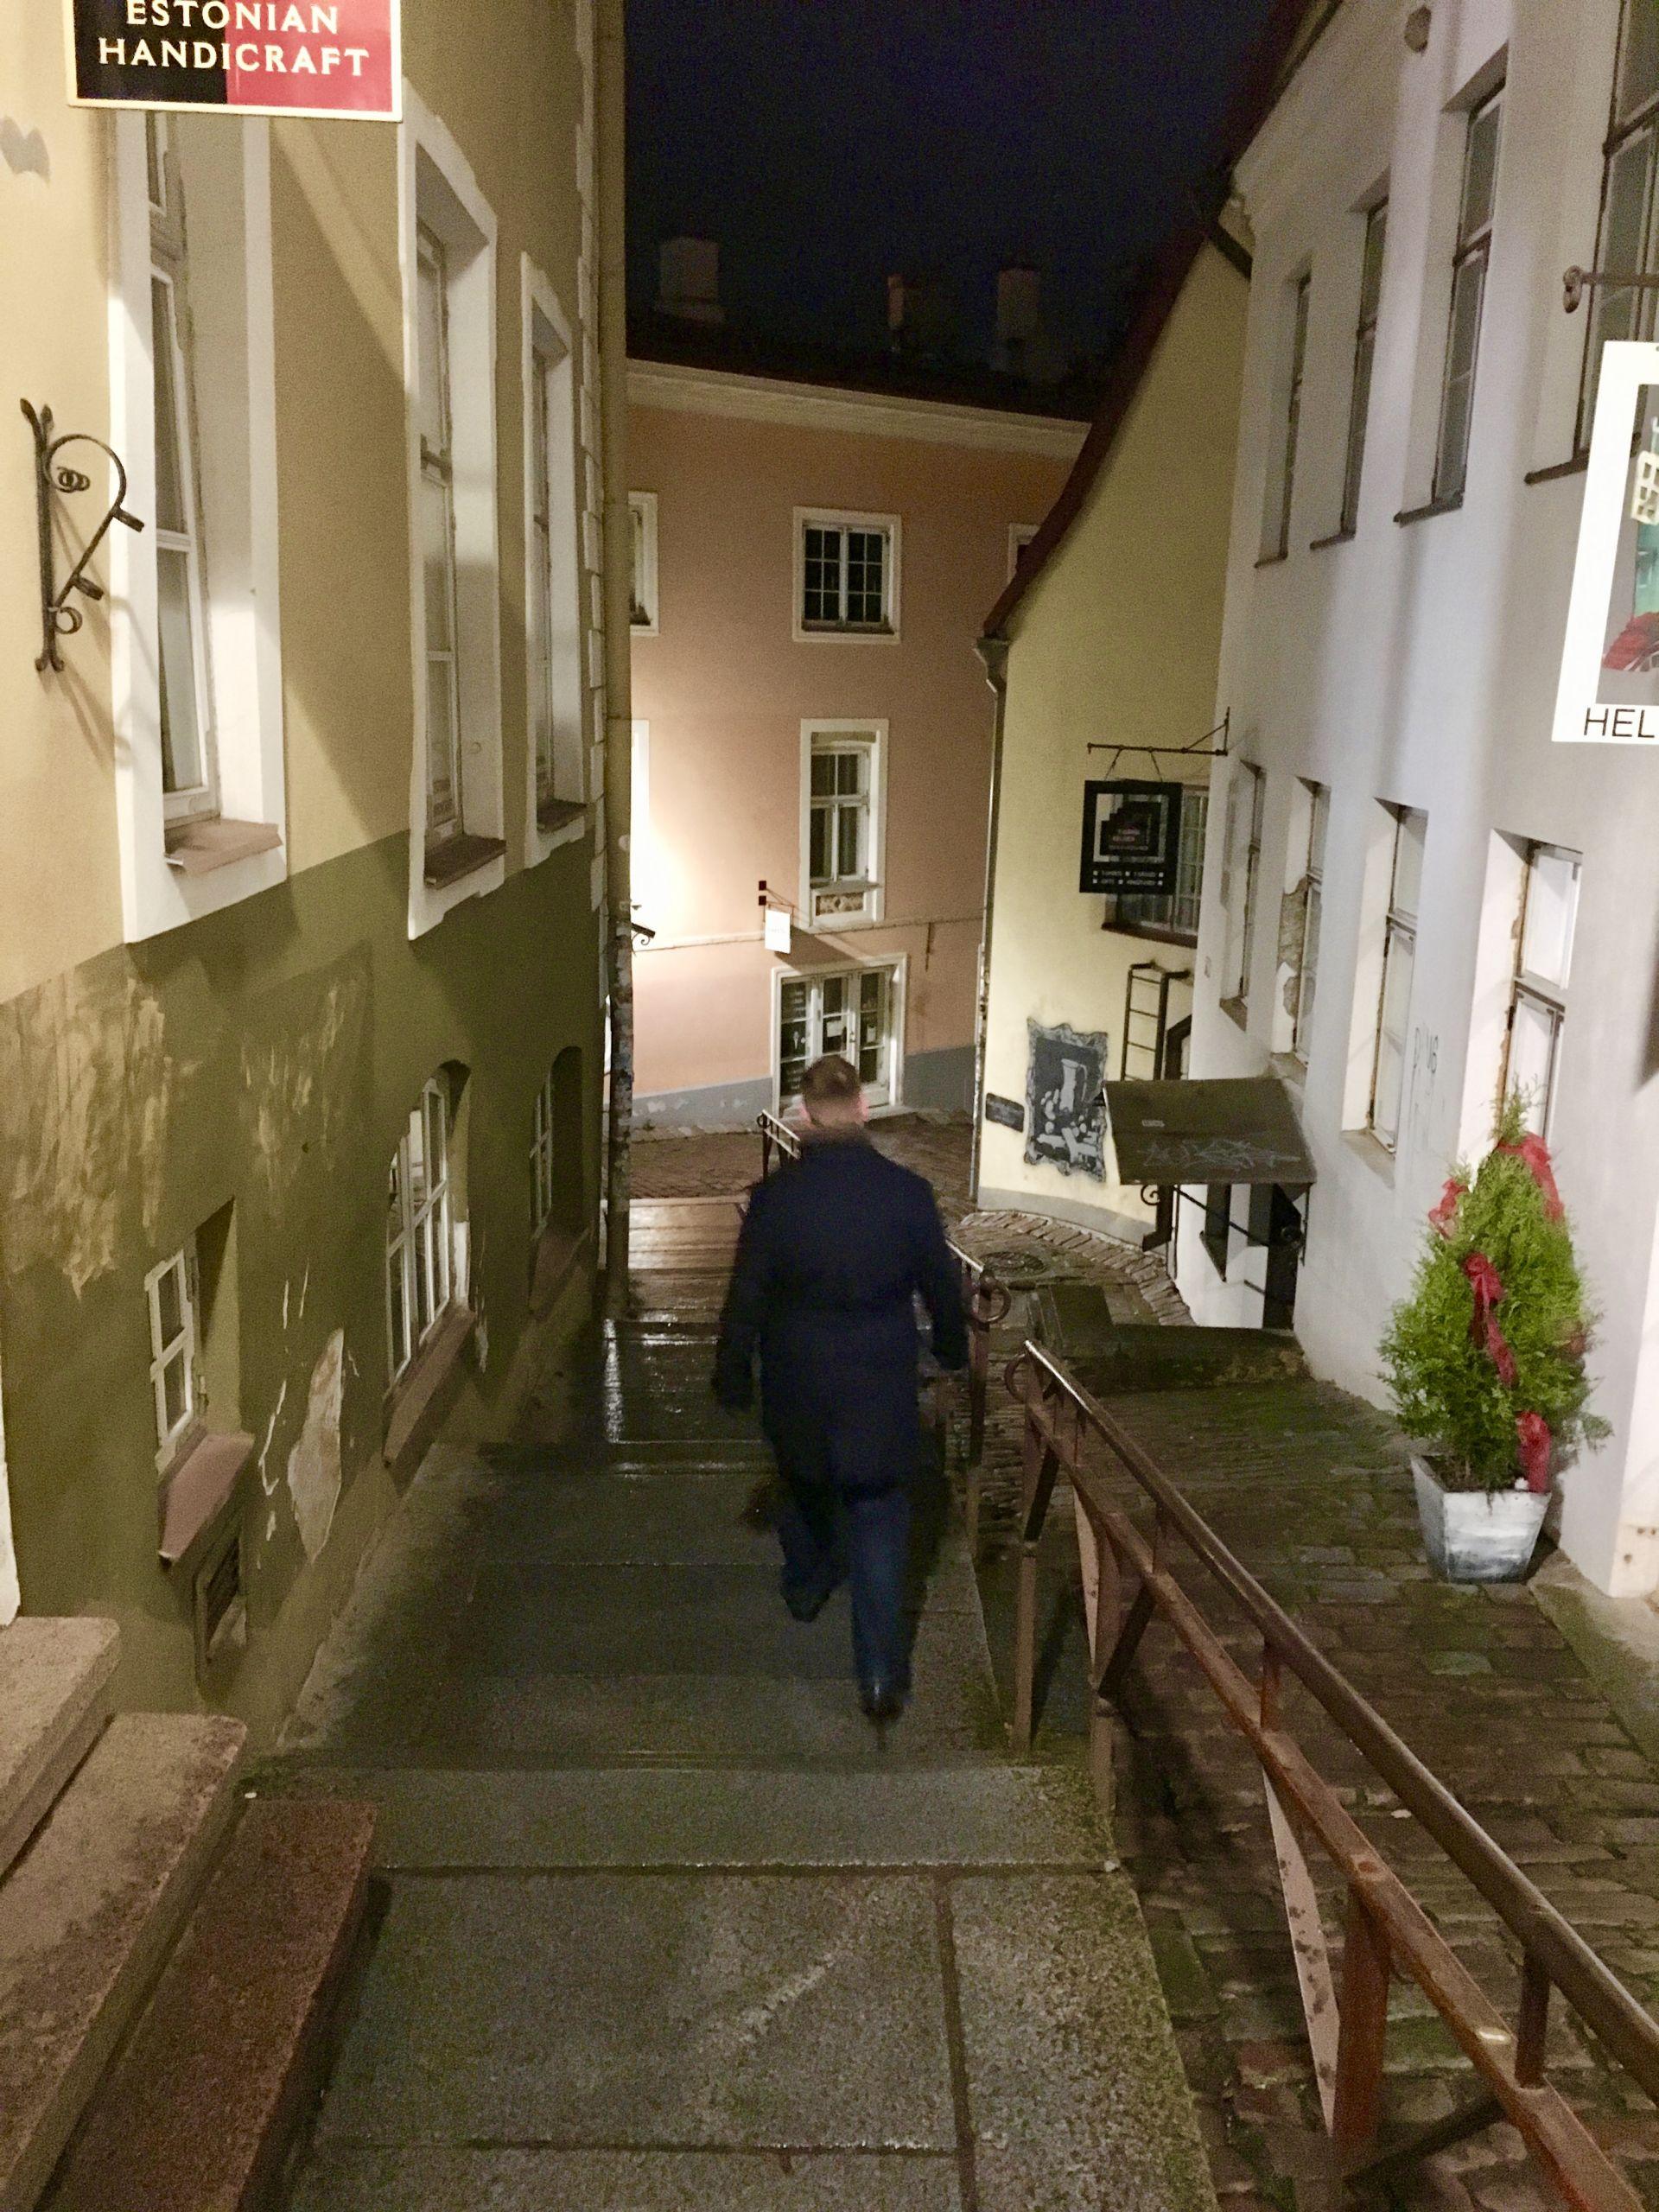 Tiny Alleys in Tallinn Old Town